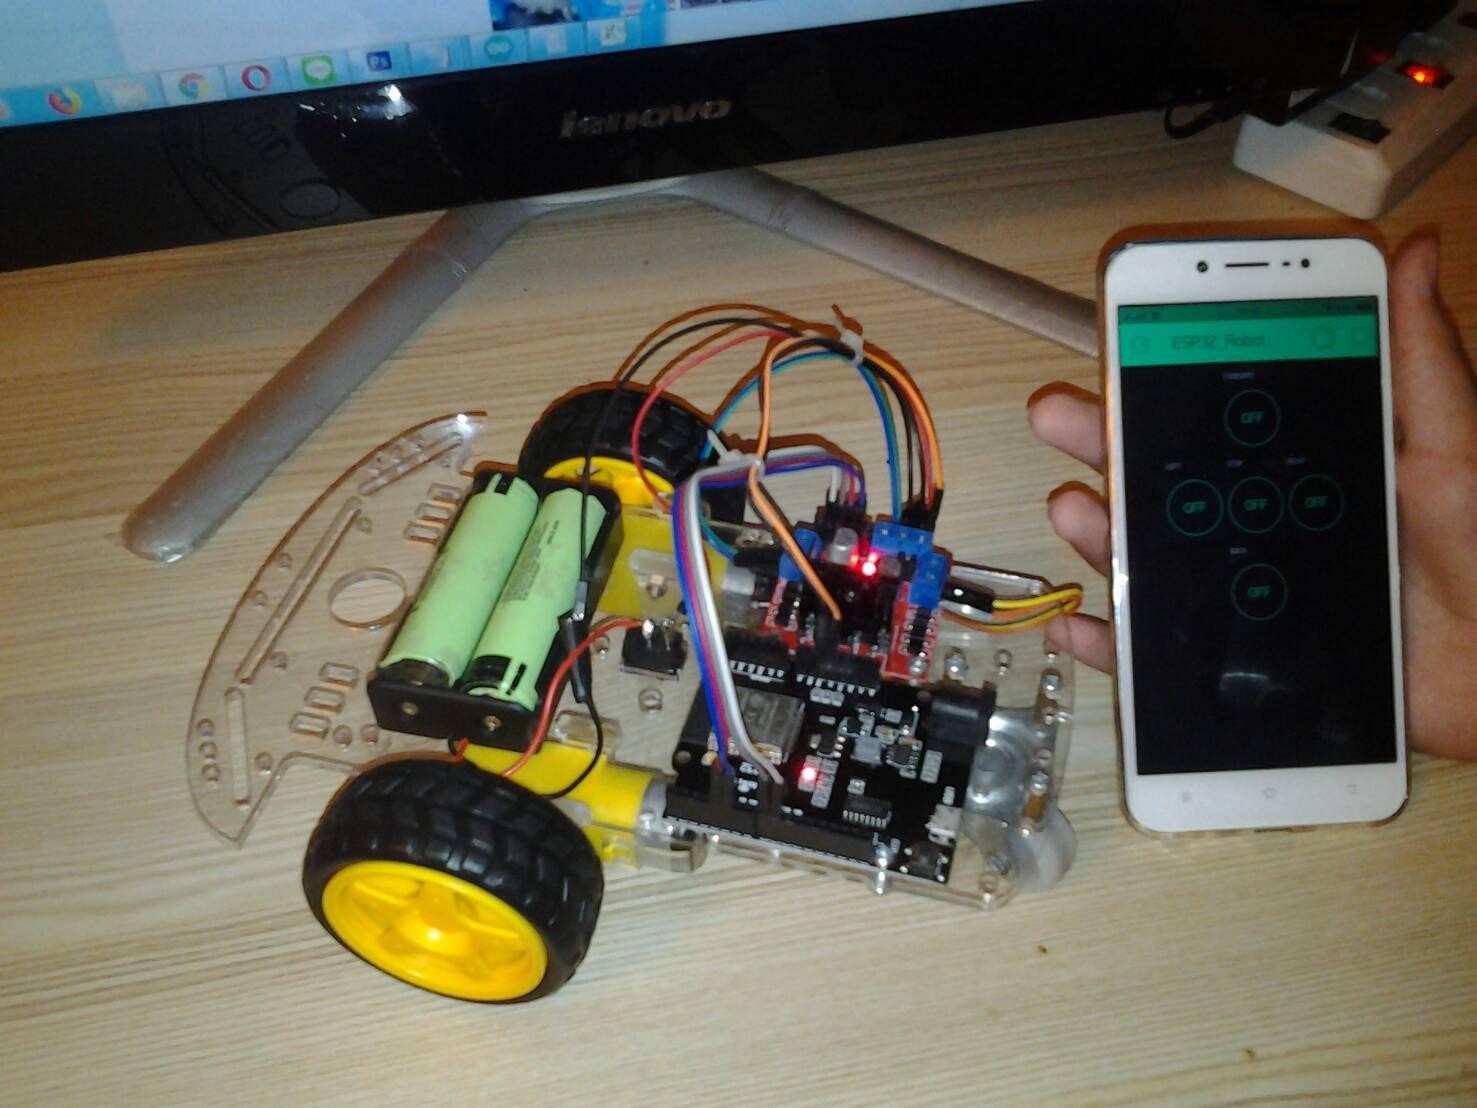 โปรเจค นี้จะเป็นการนำ WeMos TTgo ESP32 มาทำเป็น หุ่นยนต์ Robot car